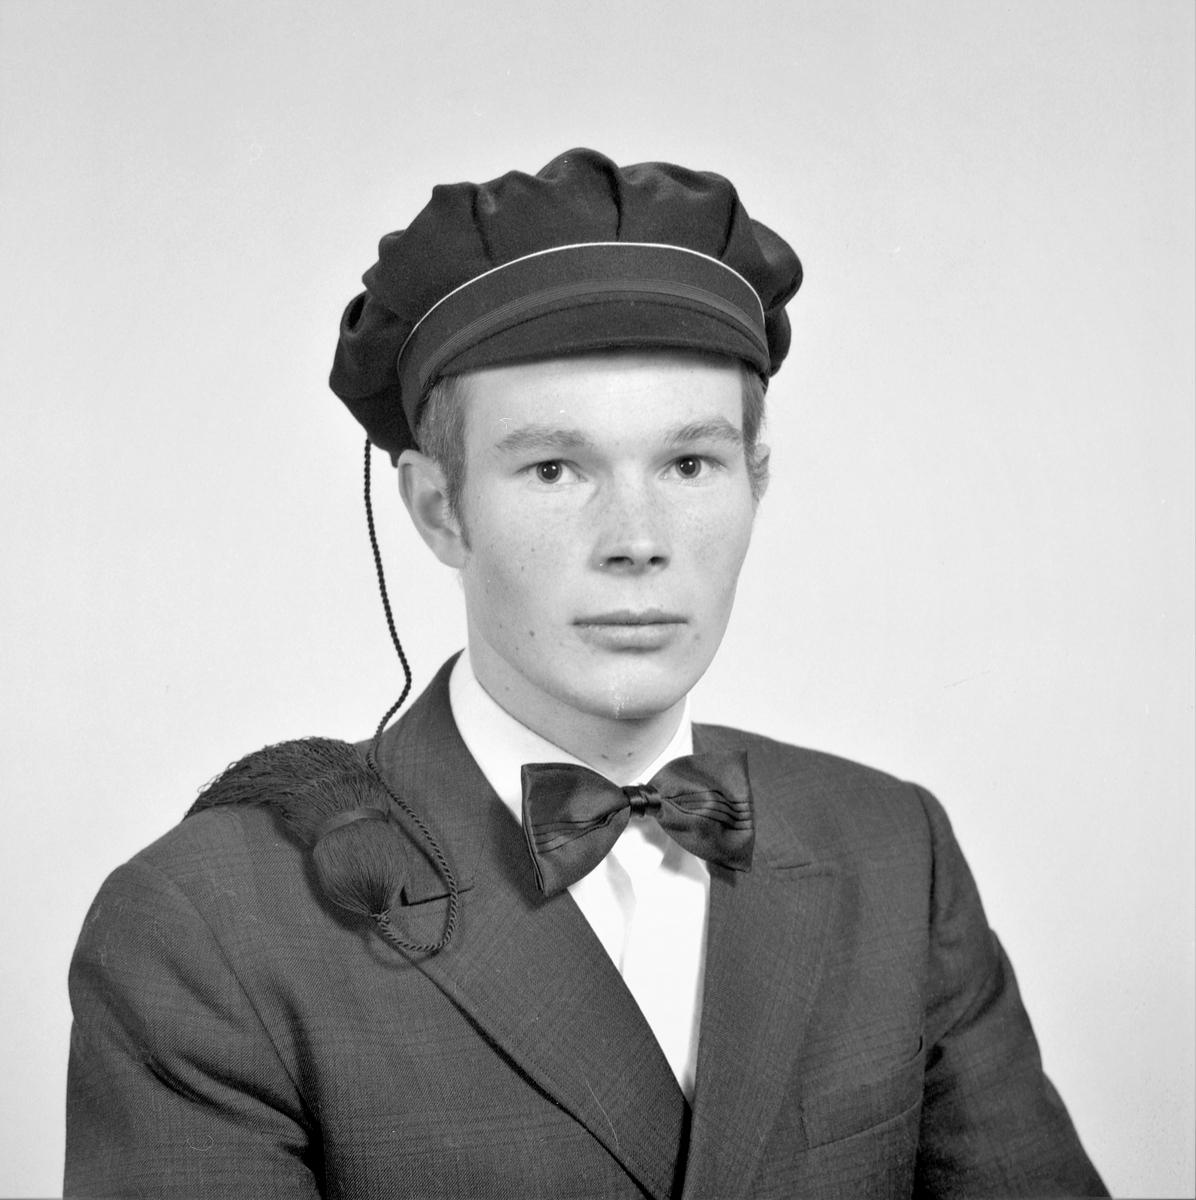 Portrett. Ung mann med studenterlue. Bestilt av Trygve Sundve. Austreimveien 11